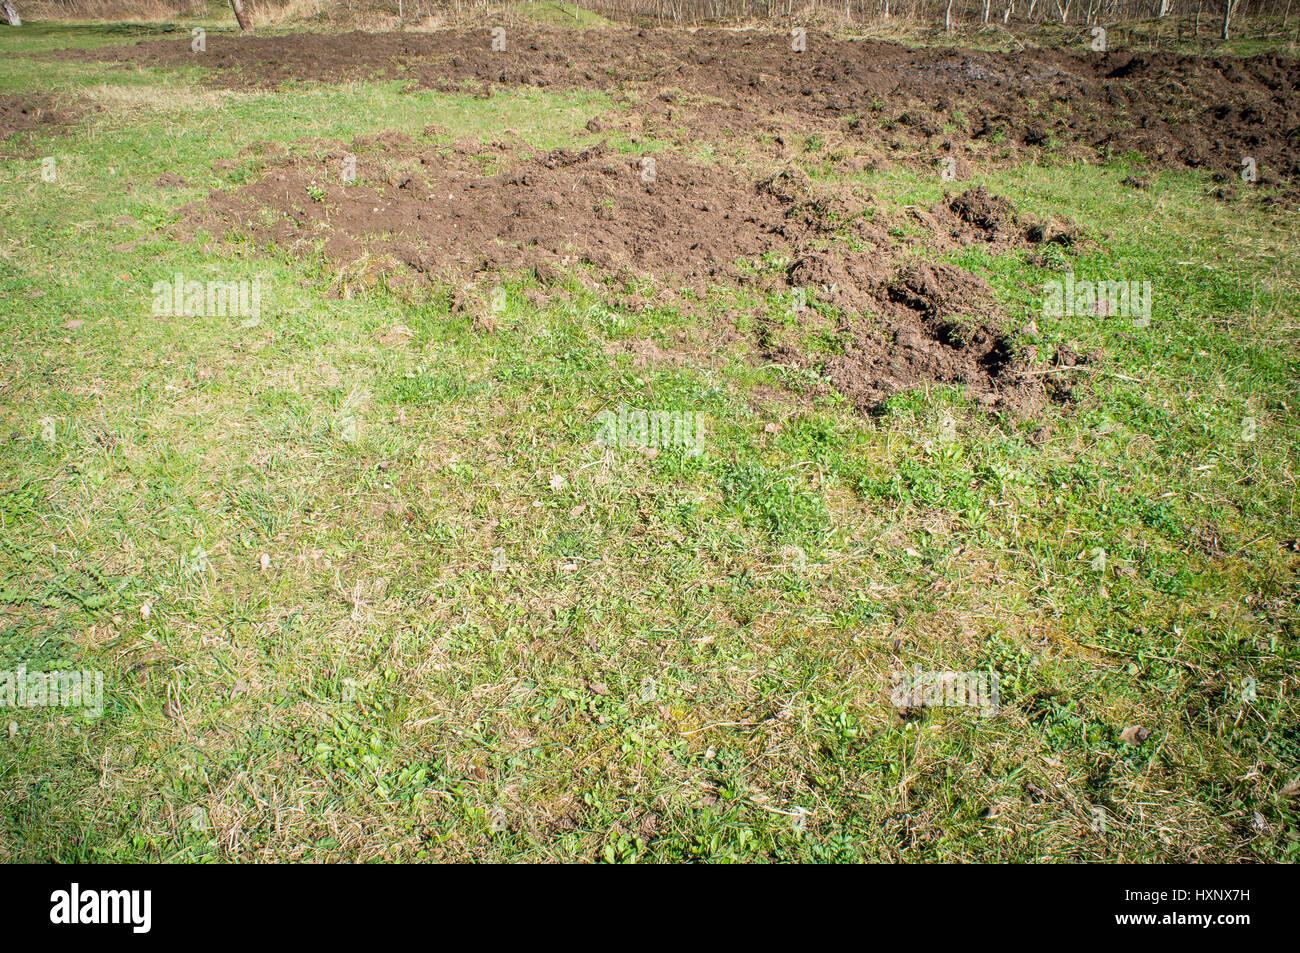 wild boar damage stockfotos wild boar damage bilder alamy